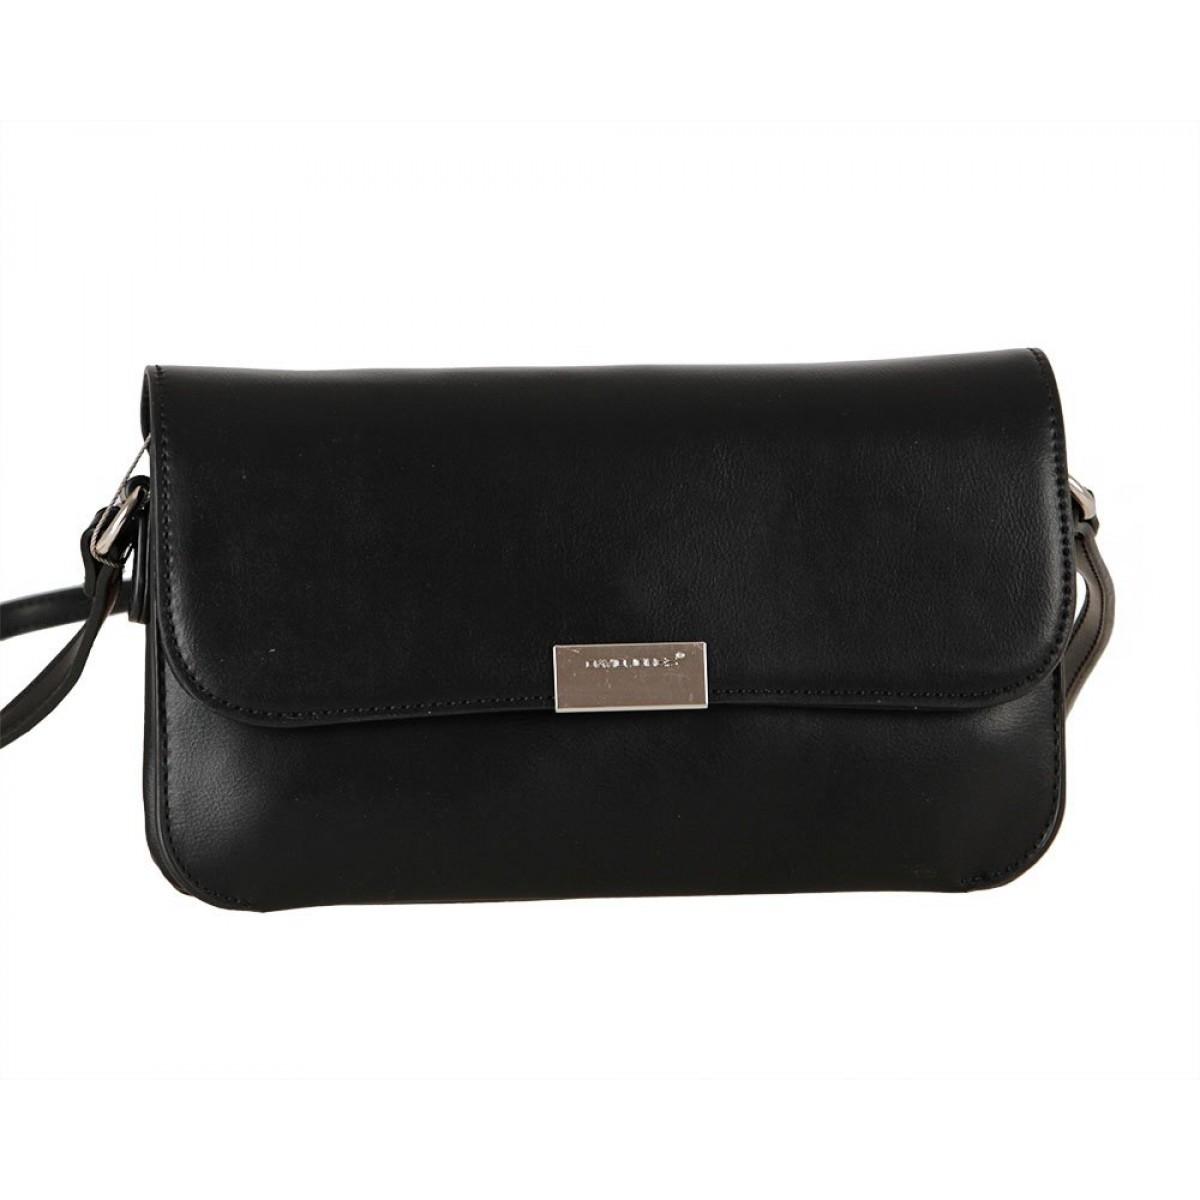 Жіноча сумка David Jones CM6018A BLACK